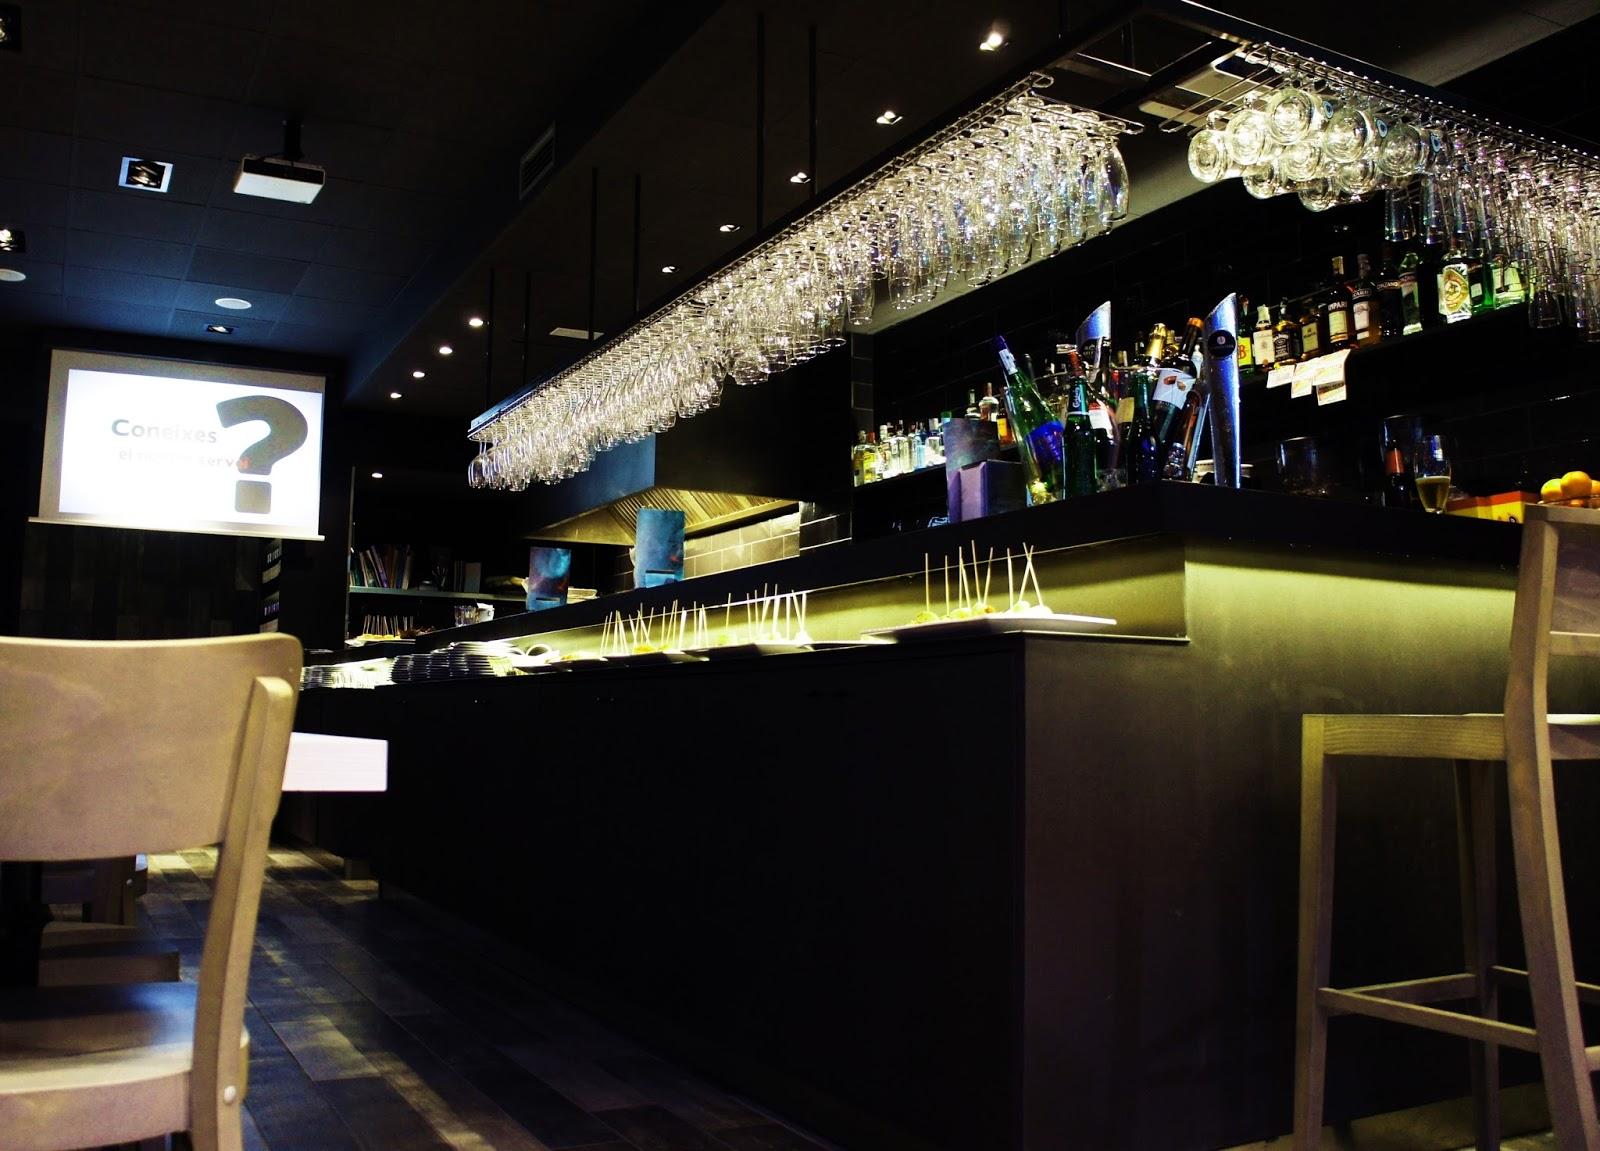 Merkat caf rv12 arquitectos arquitectura y dise o for Los mejores disenos de interiores del mundo